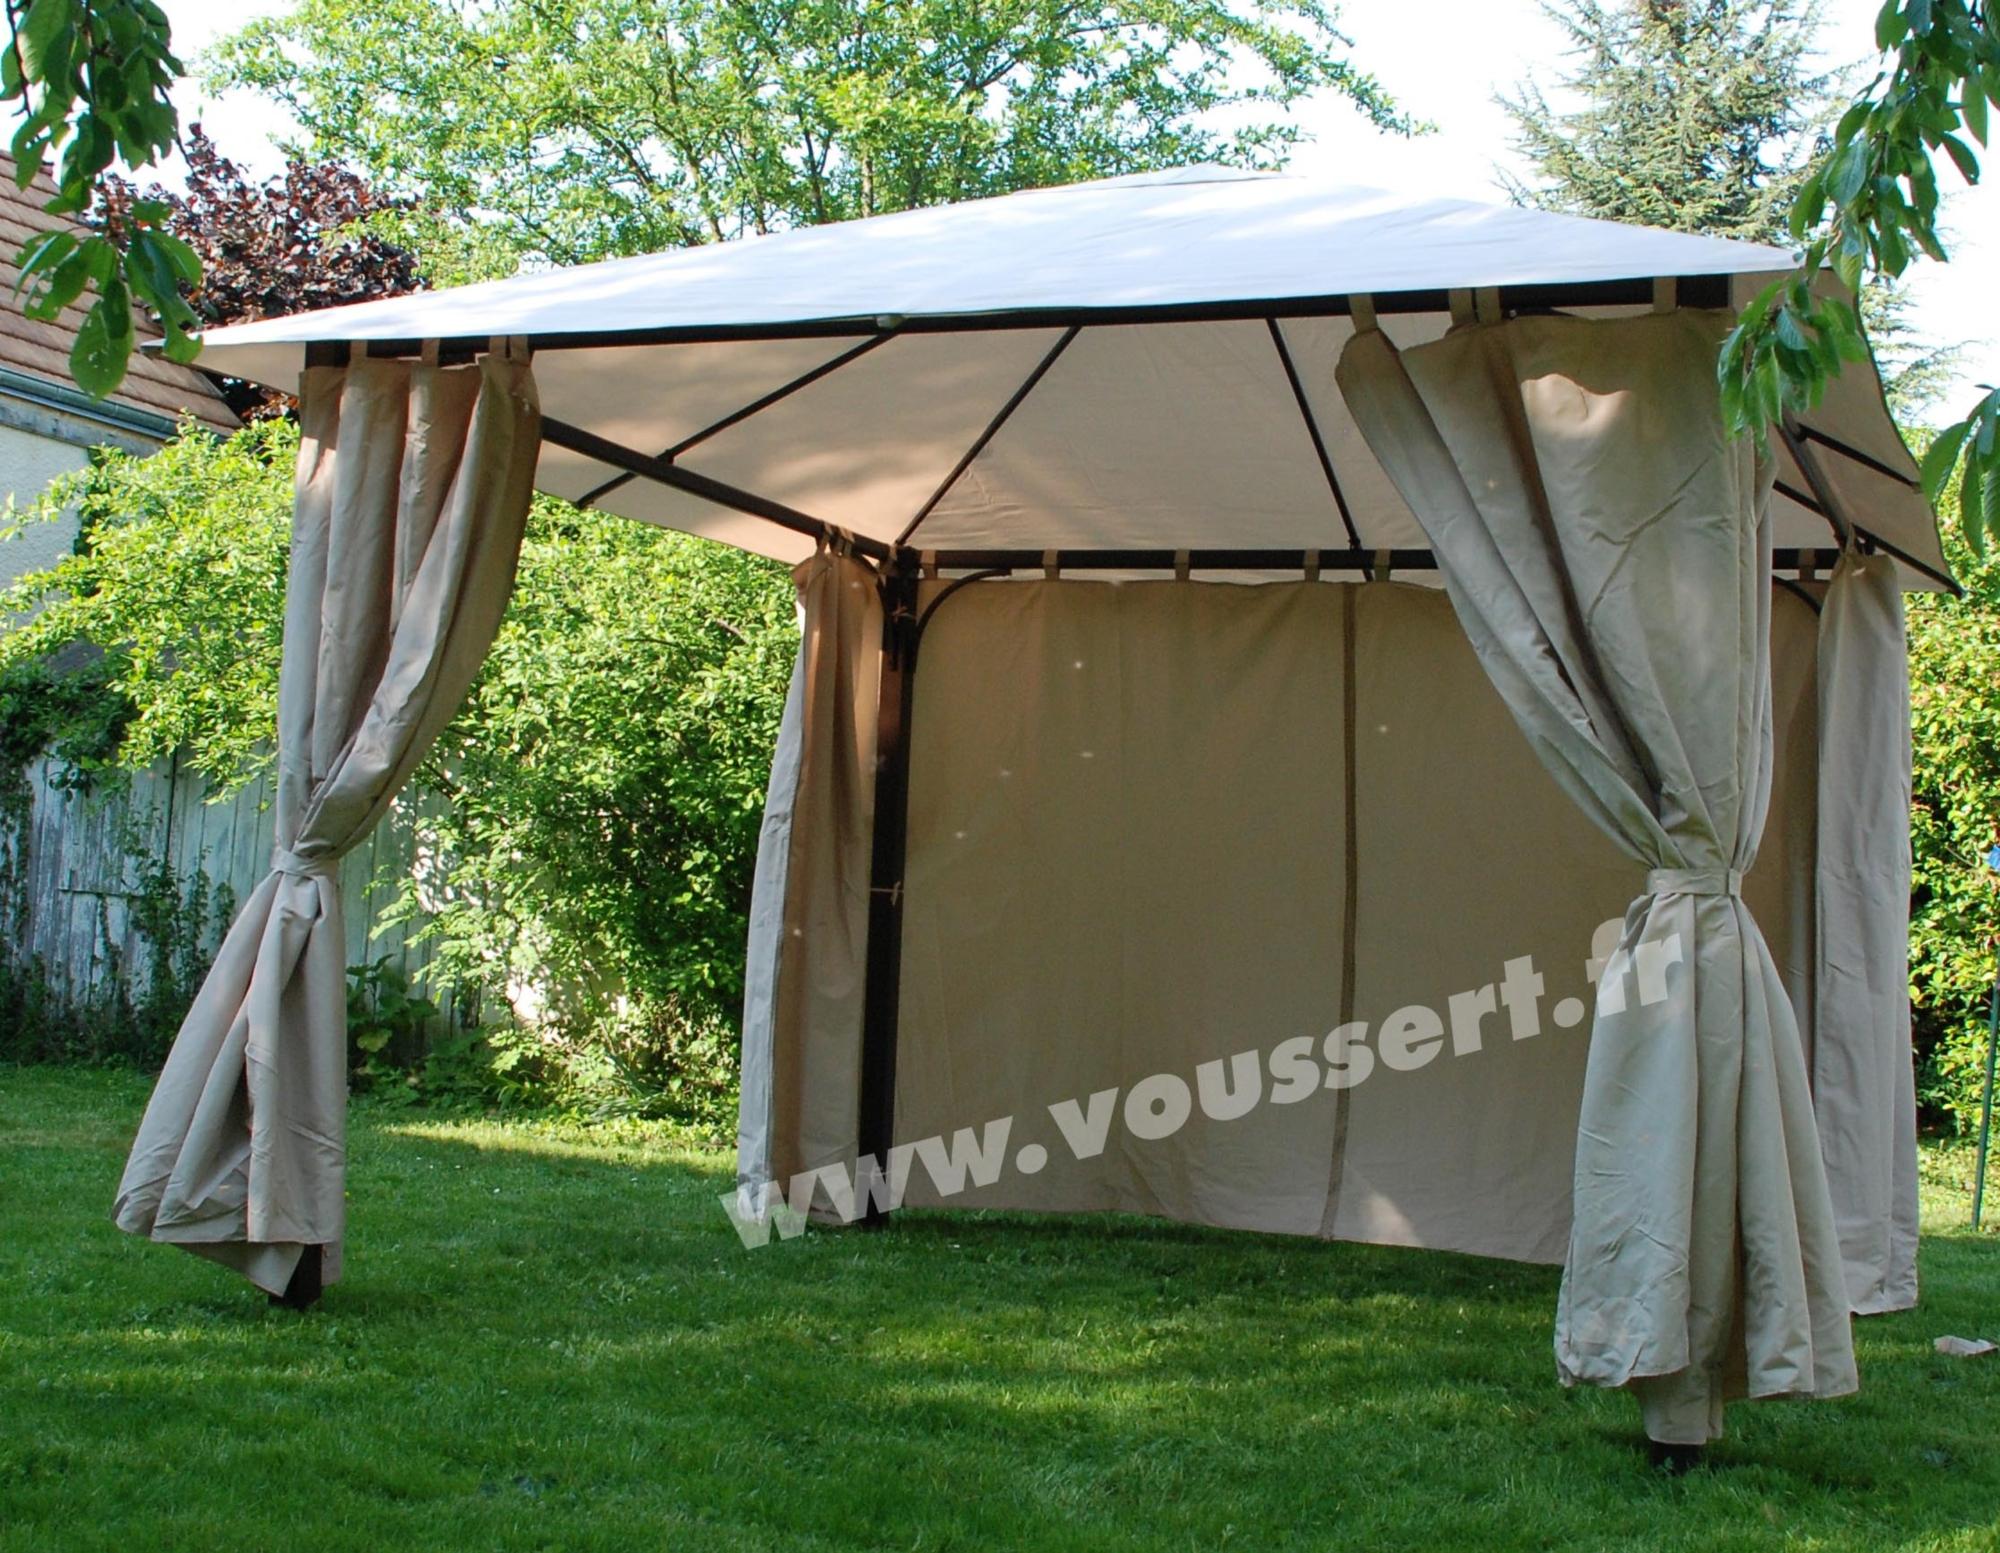 Tonnelle de jardin 3x3 m rideaux atlas constantinople ecru for Rideaux pour tonnelle de jardin